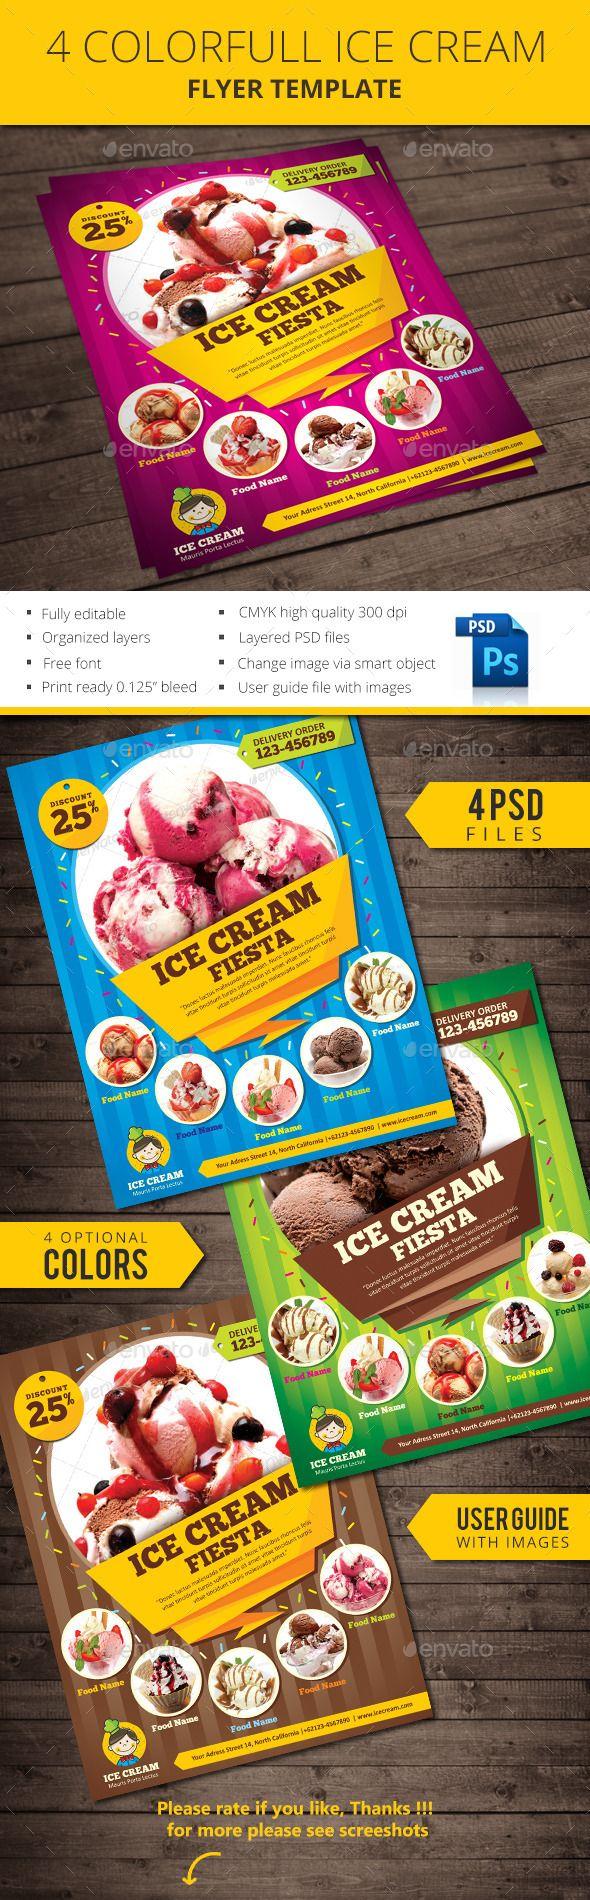 ice cream flyer template commerce flyers prodesigner pinterest